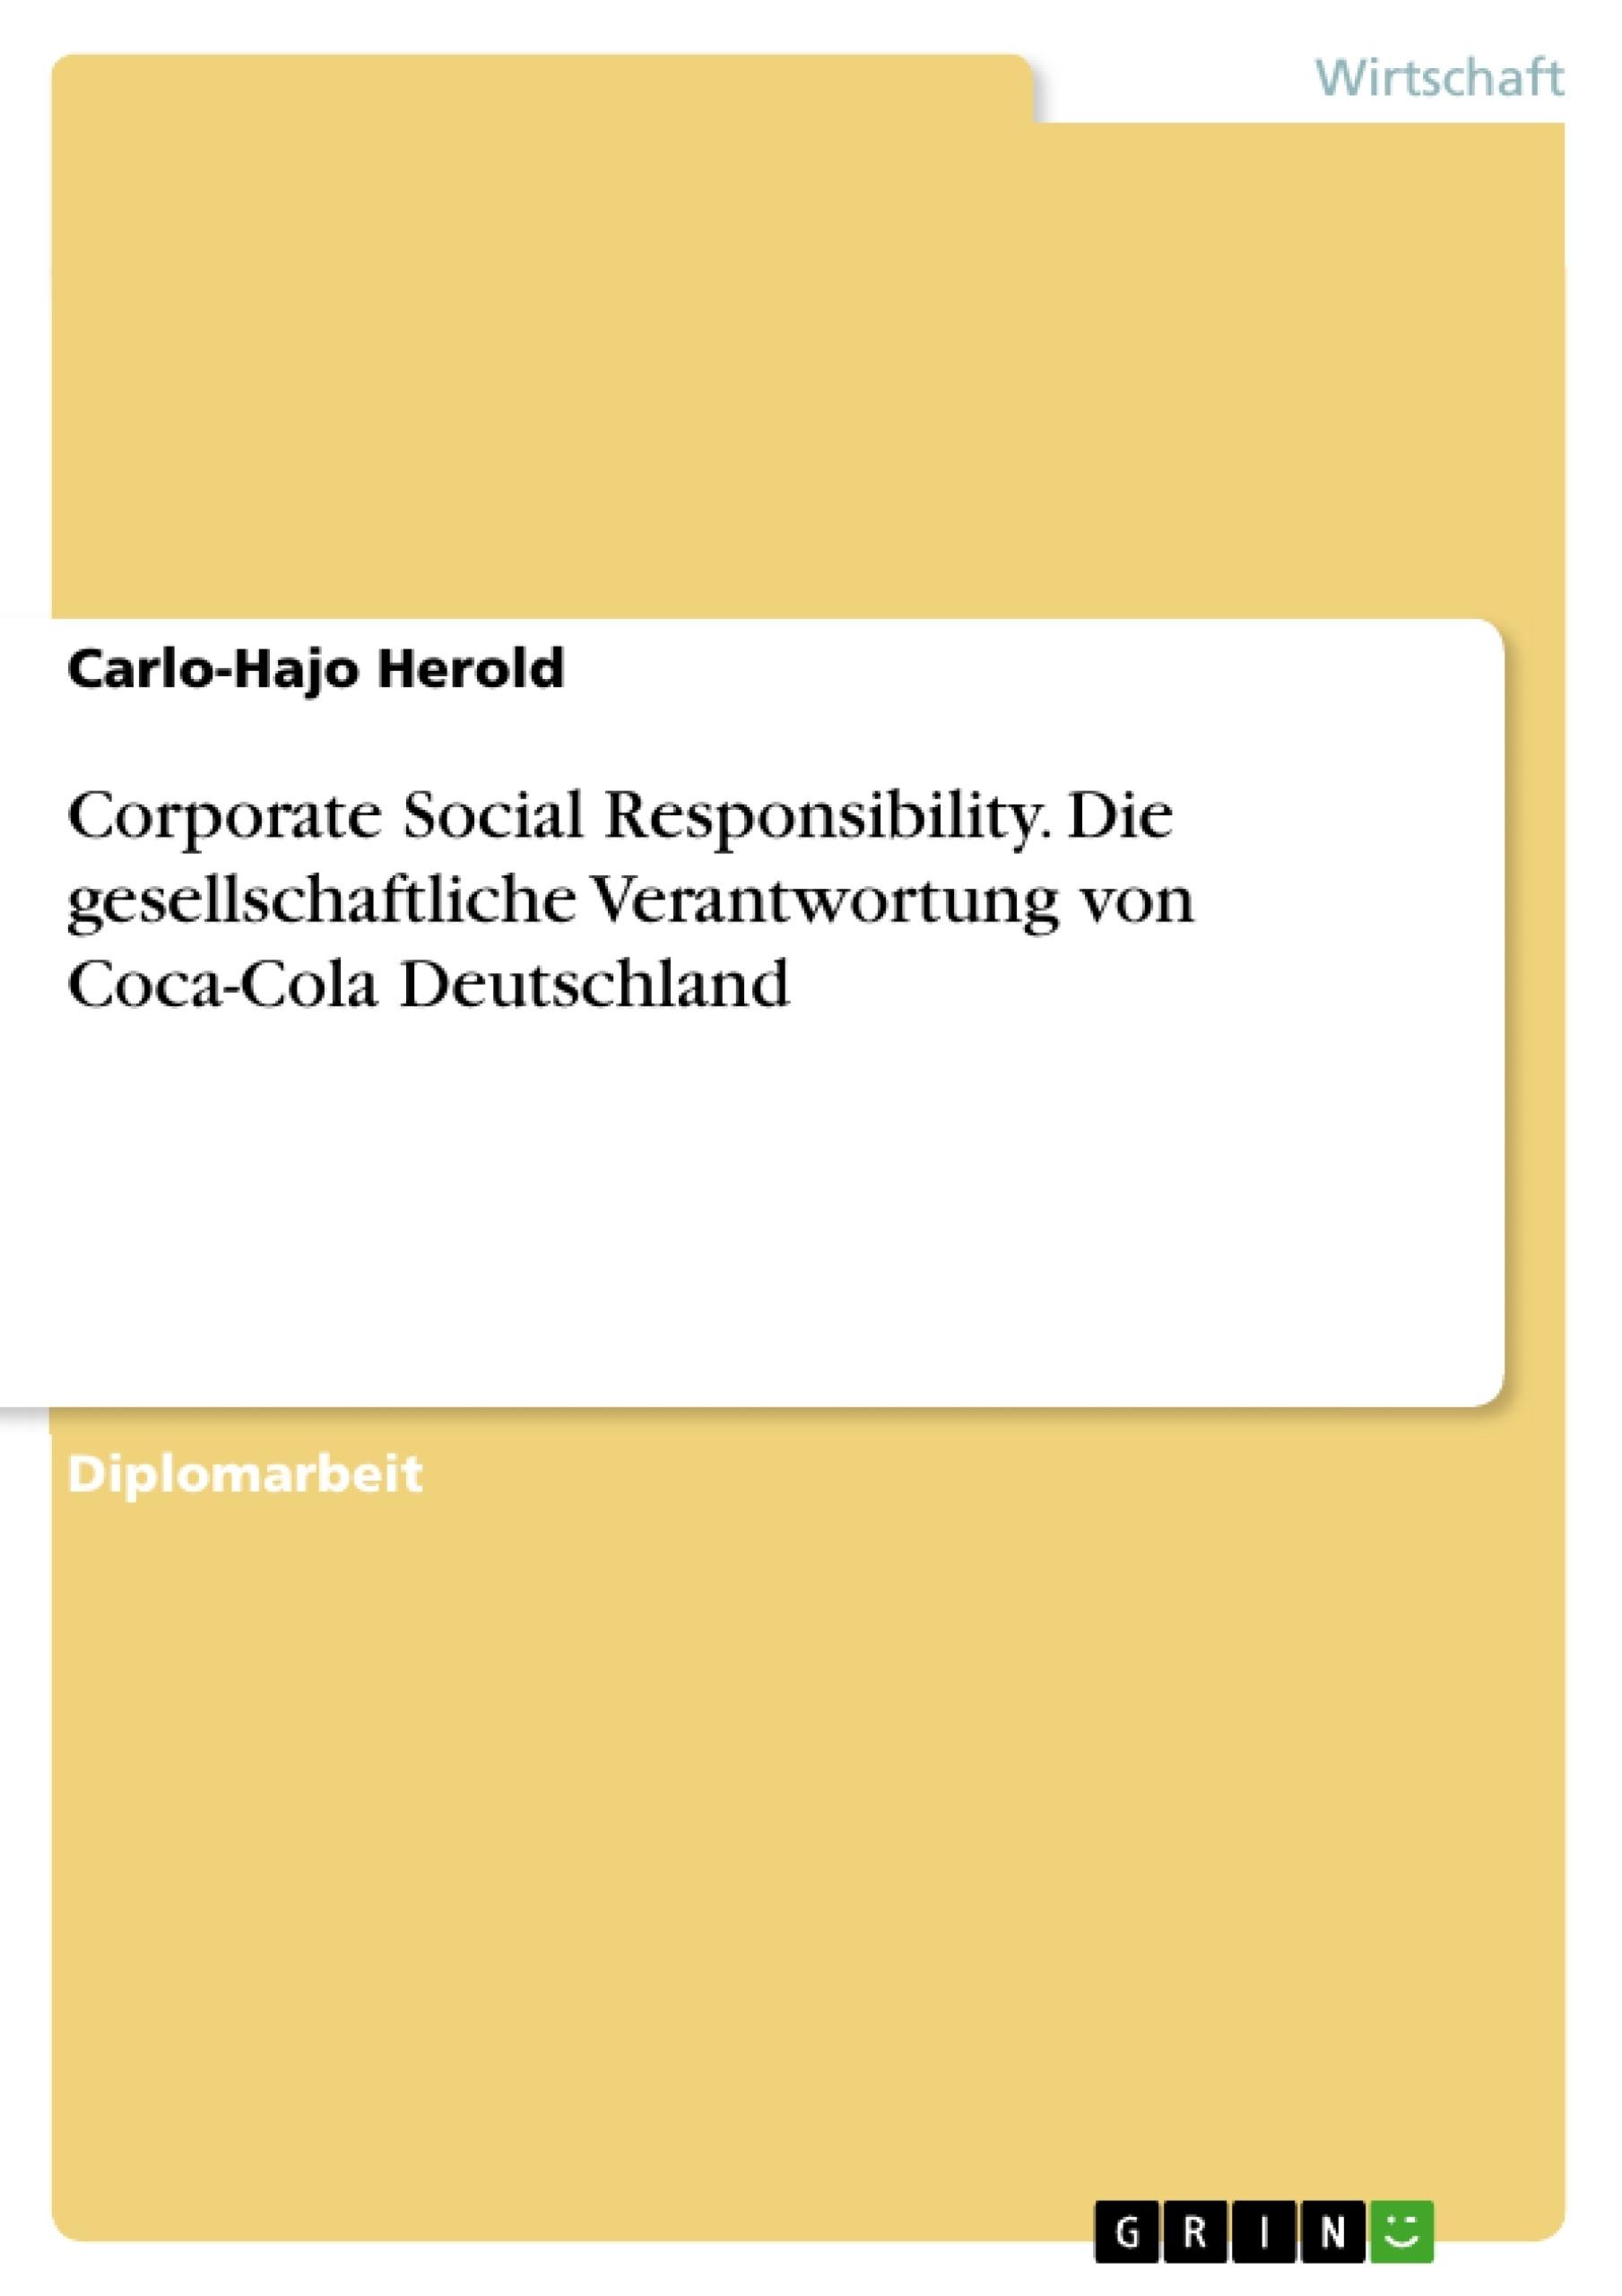 Titel: Corporate Social Responsibility. Die  gesellschaftliche Verantwortung von Coca-Cola Deutschland